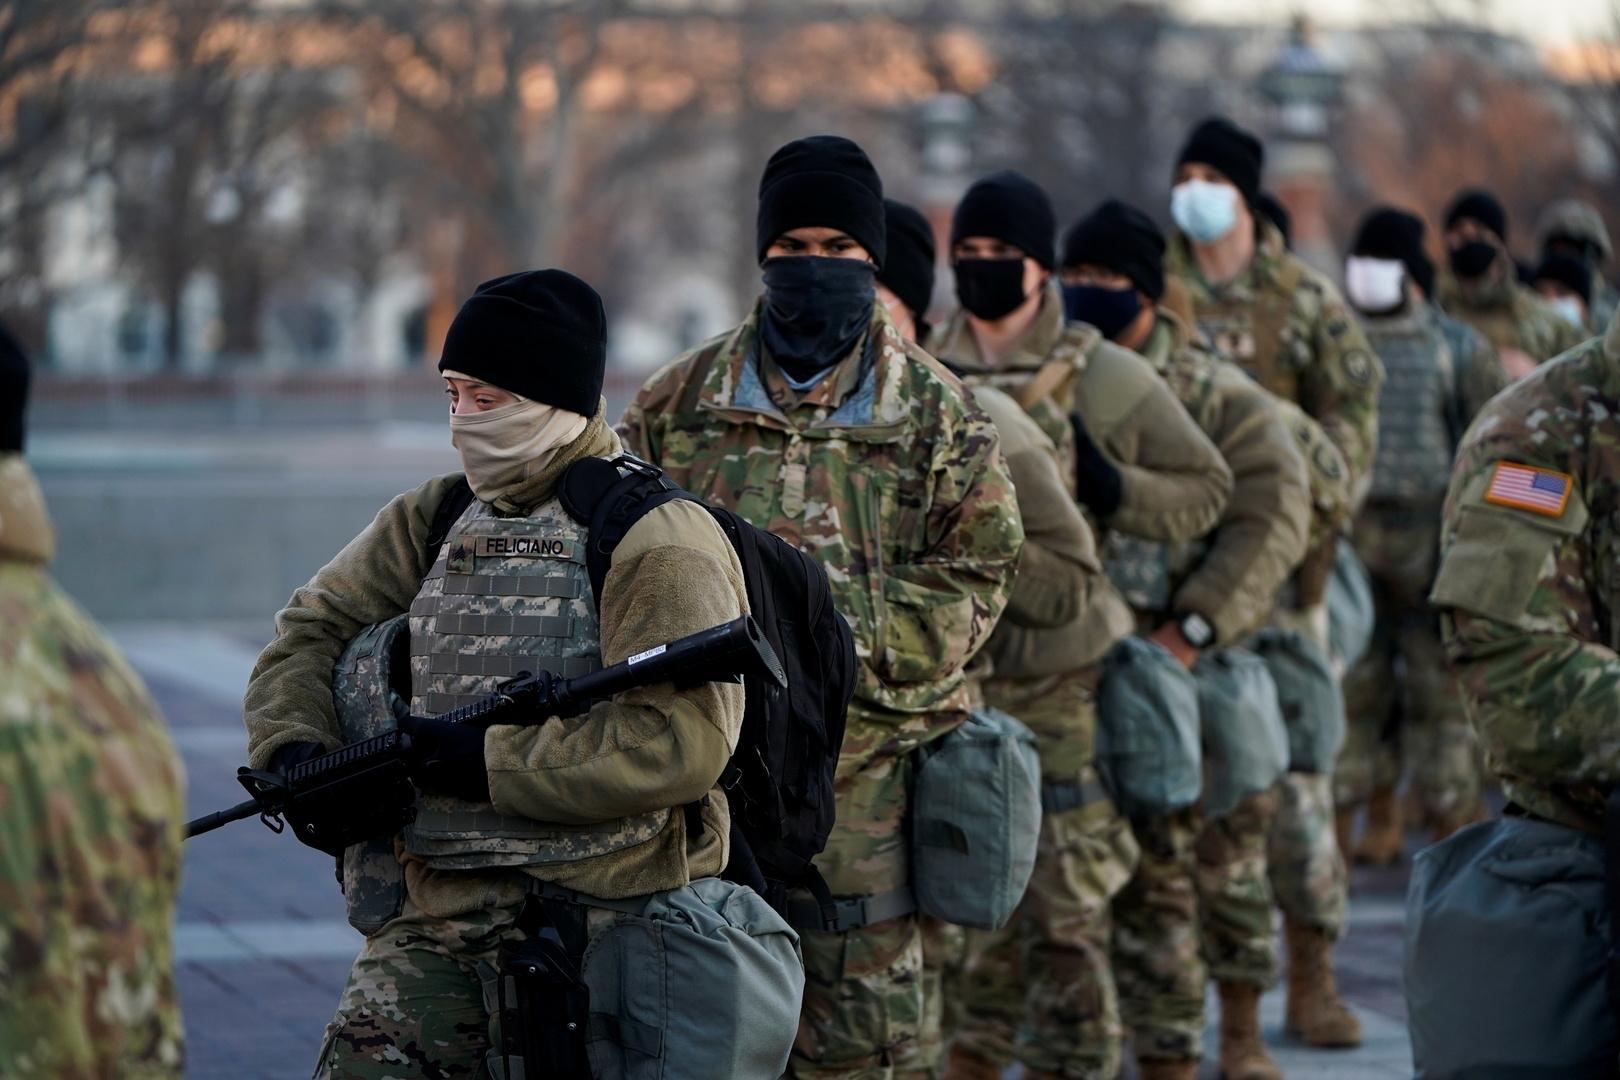 الدفع بأكثر من 20 ألف عنصر حرس وطني لتأمين النظام العام في واشنطن يوم تنصيب بايدن